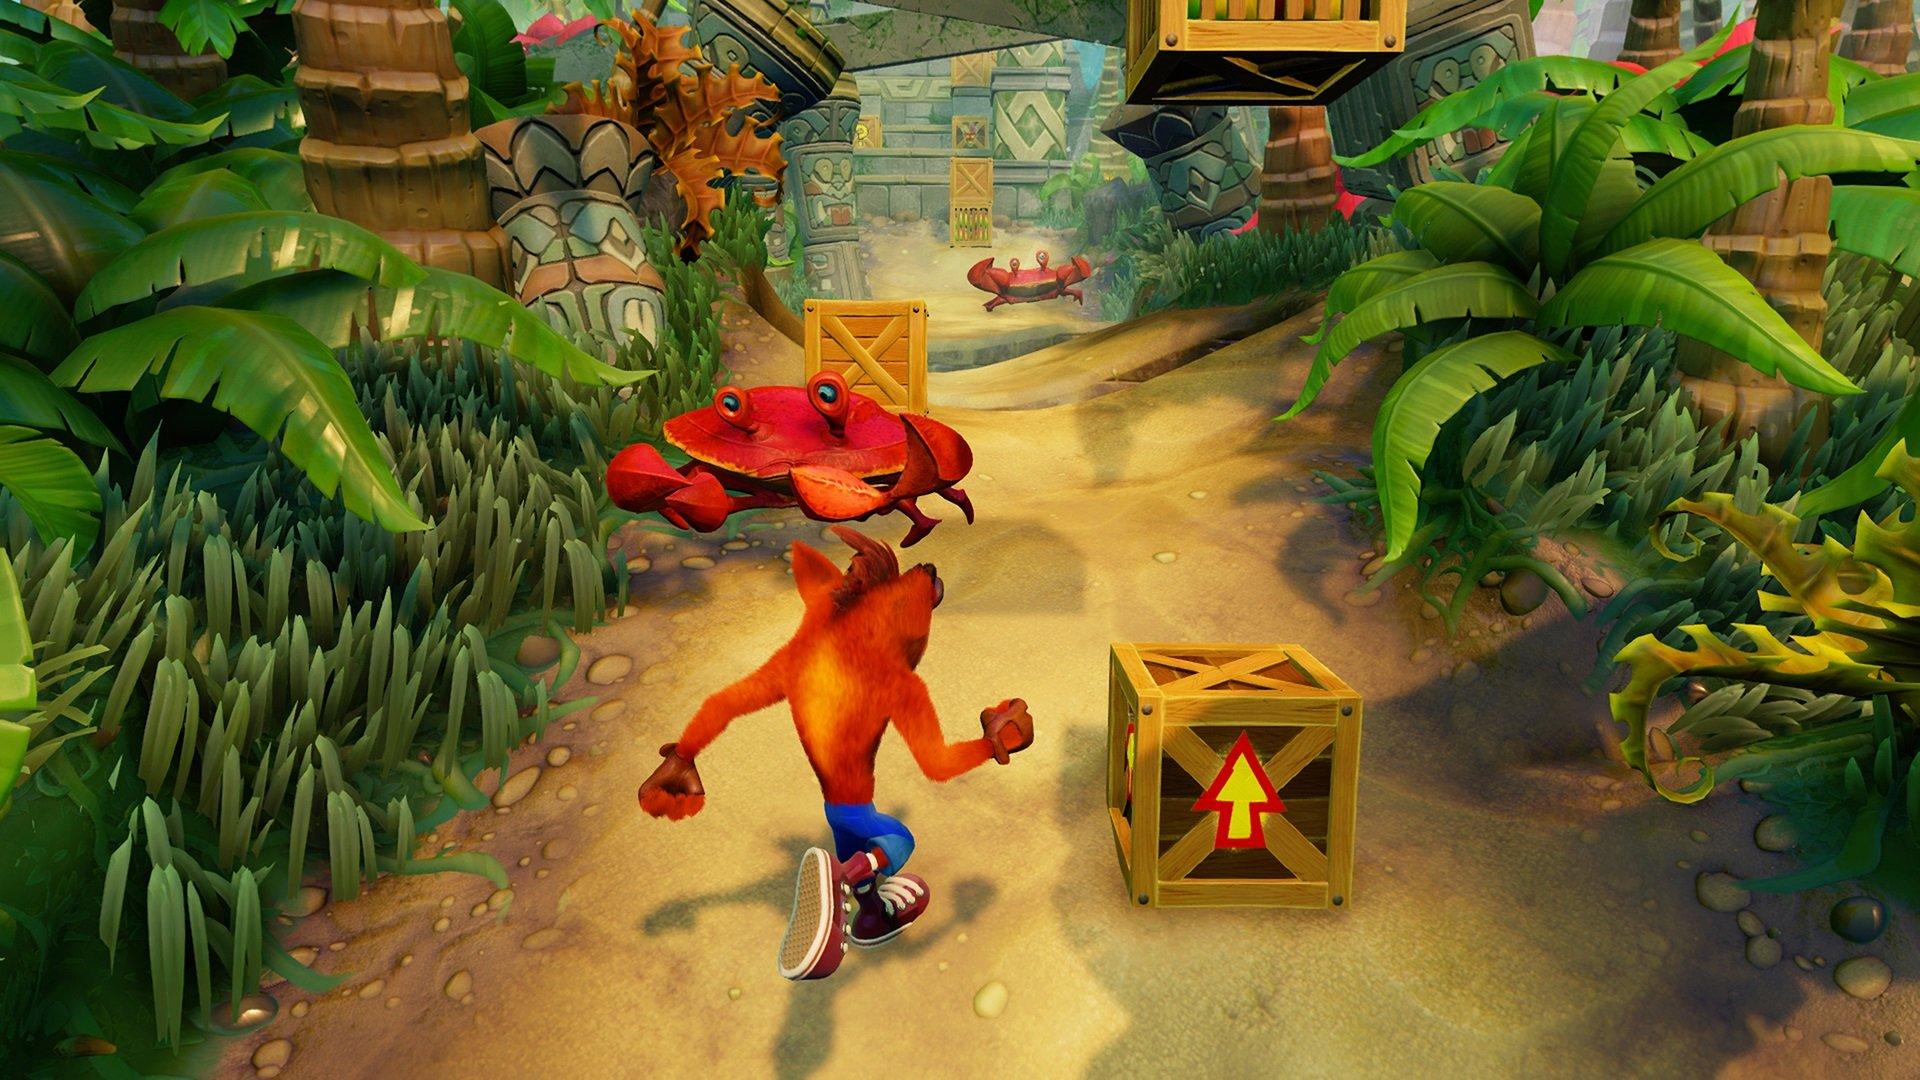 Crash Bandicoot N. Sane Trilogy remastered